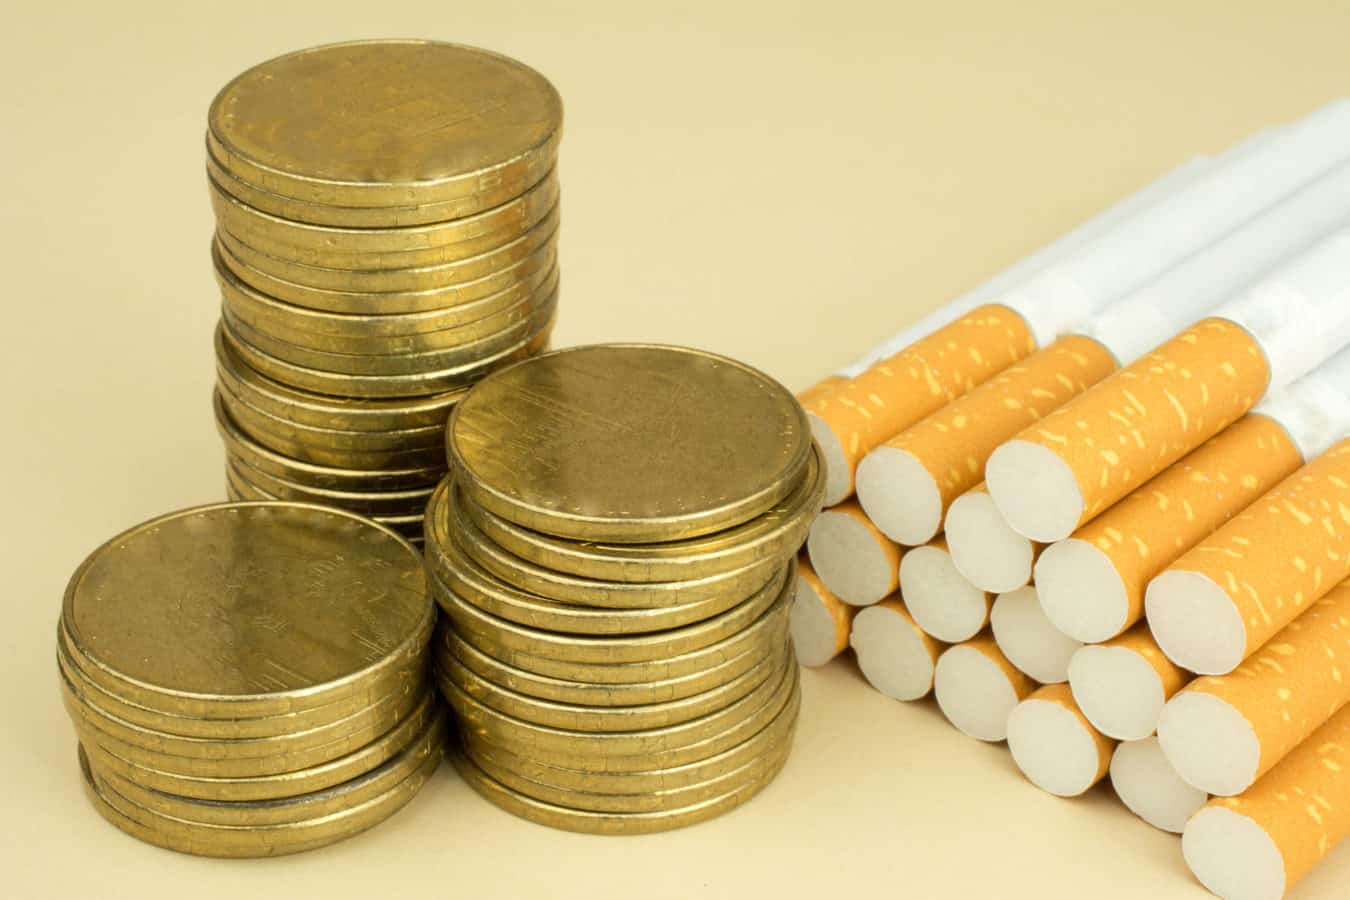 Actualización del IEPS a tabaco y bebidas saborizadas: Impacto en consumo y recaudación